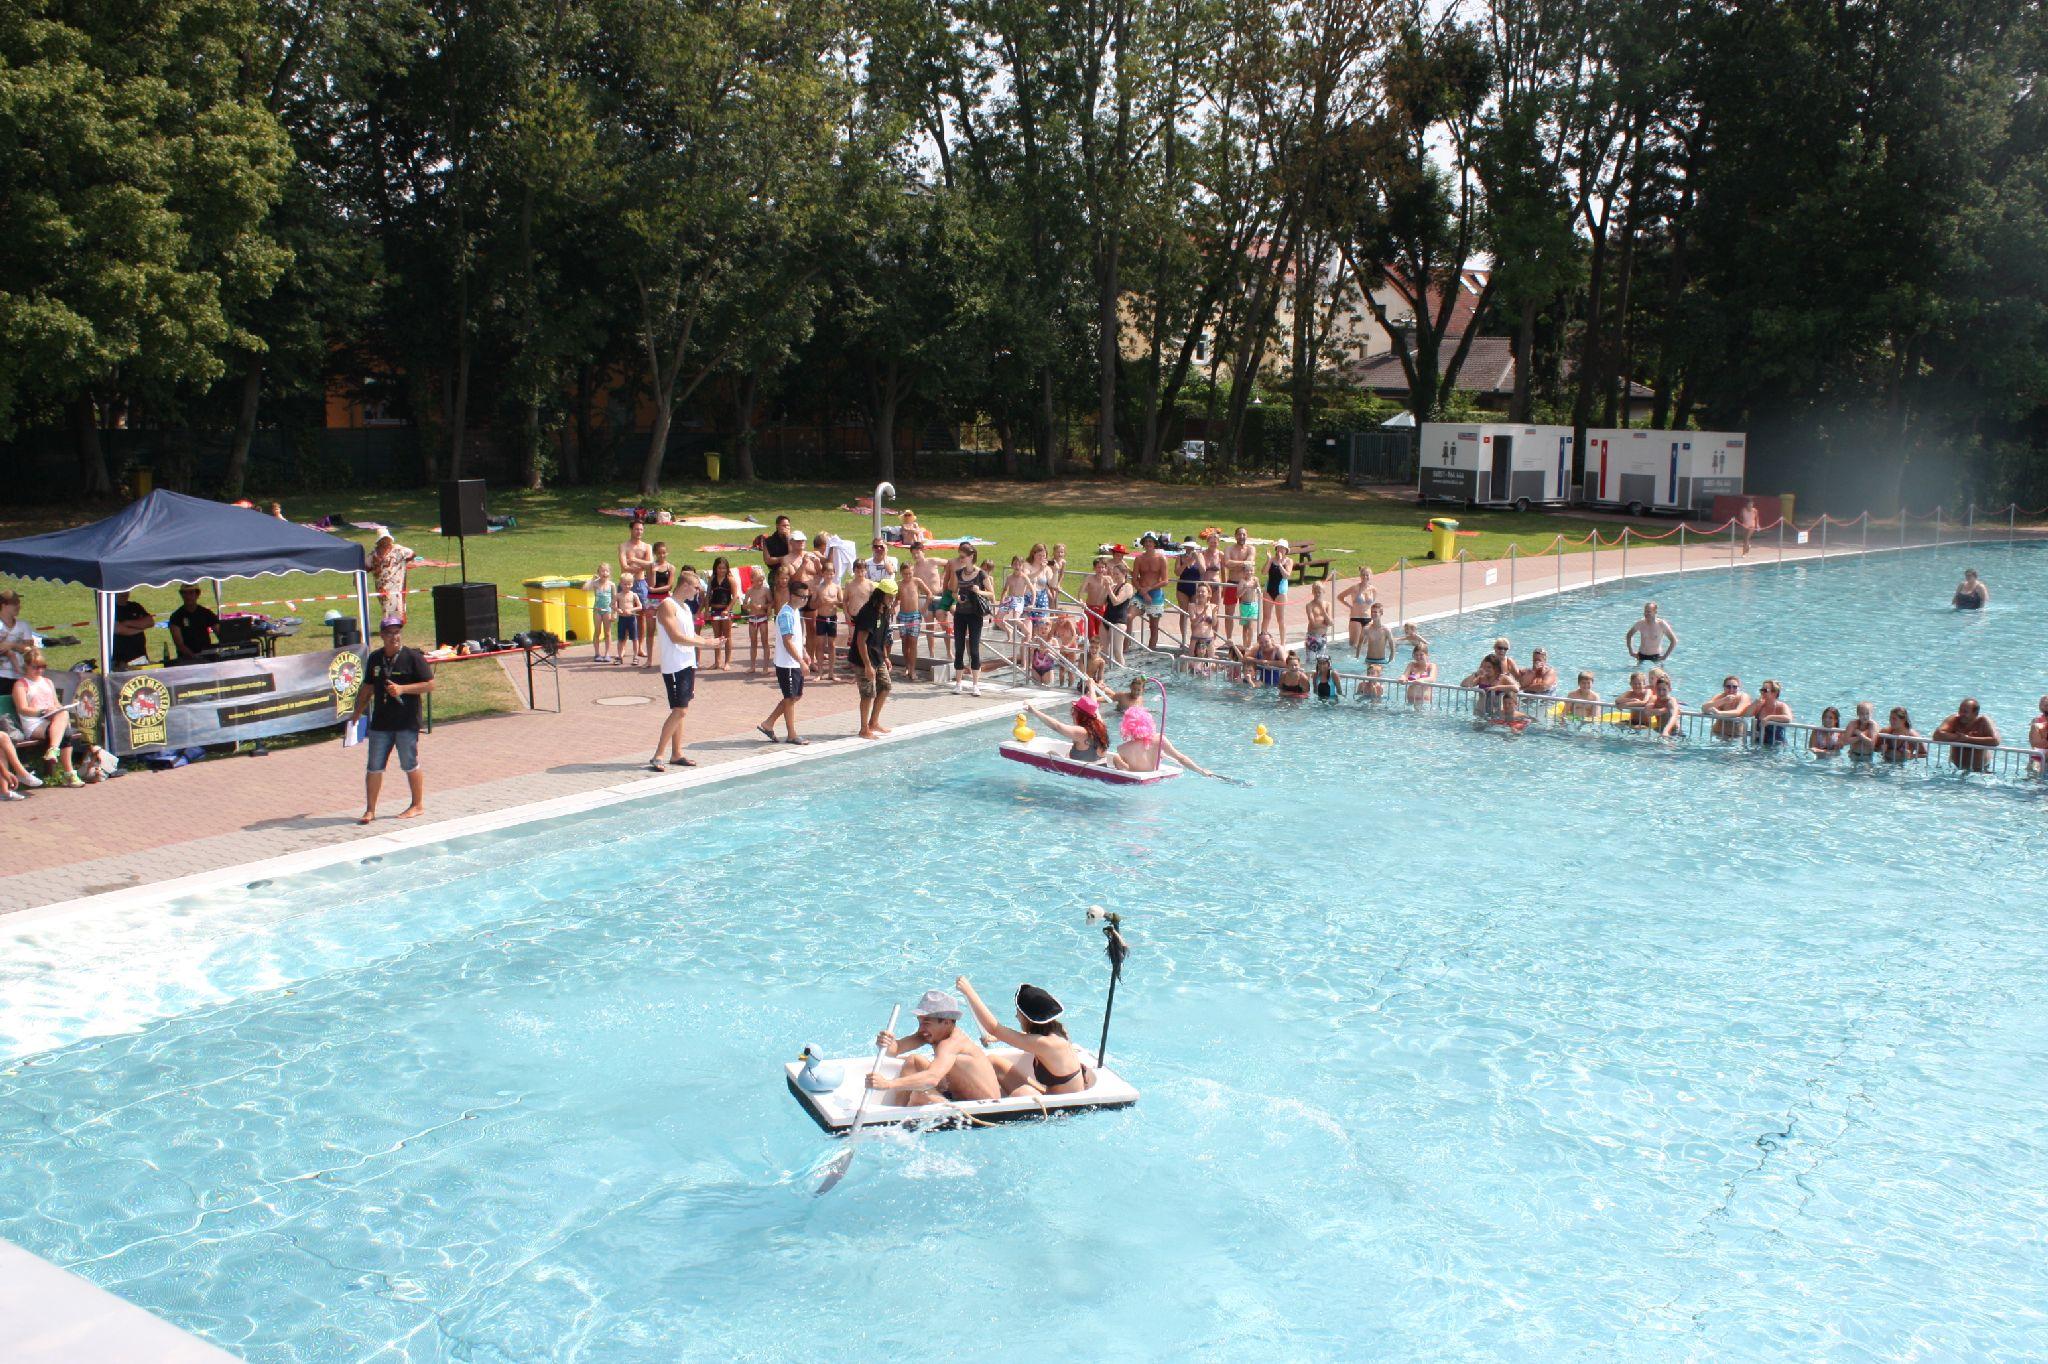 Schwimmbadsaison startet alle ffnungszeiten der saison for Eschersheimer schwimmbad